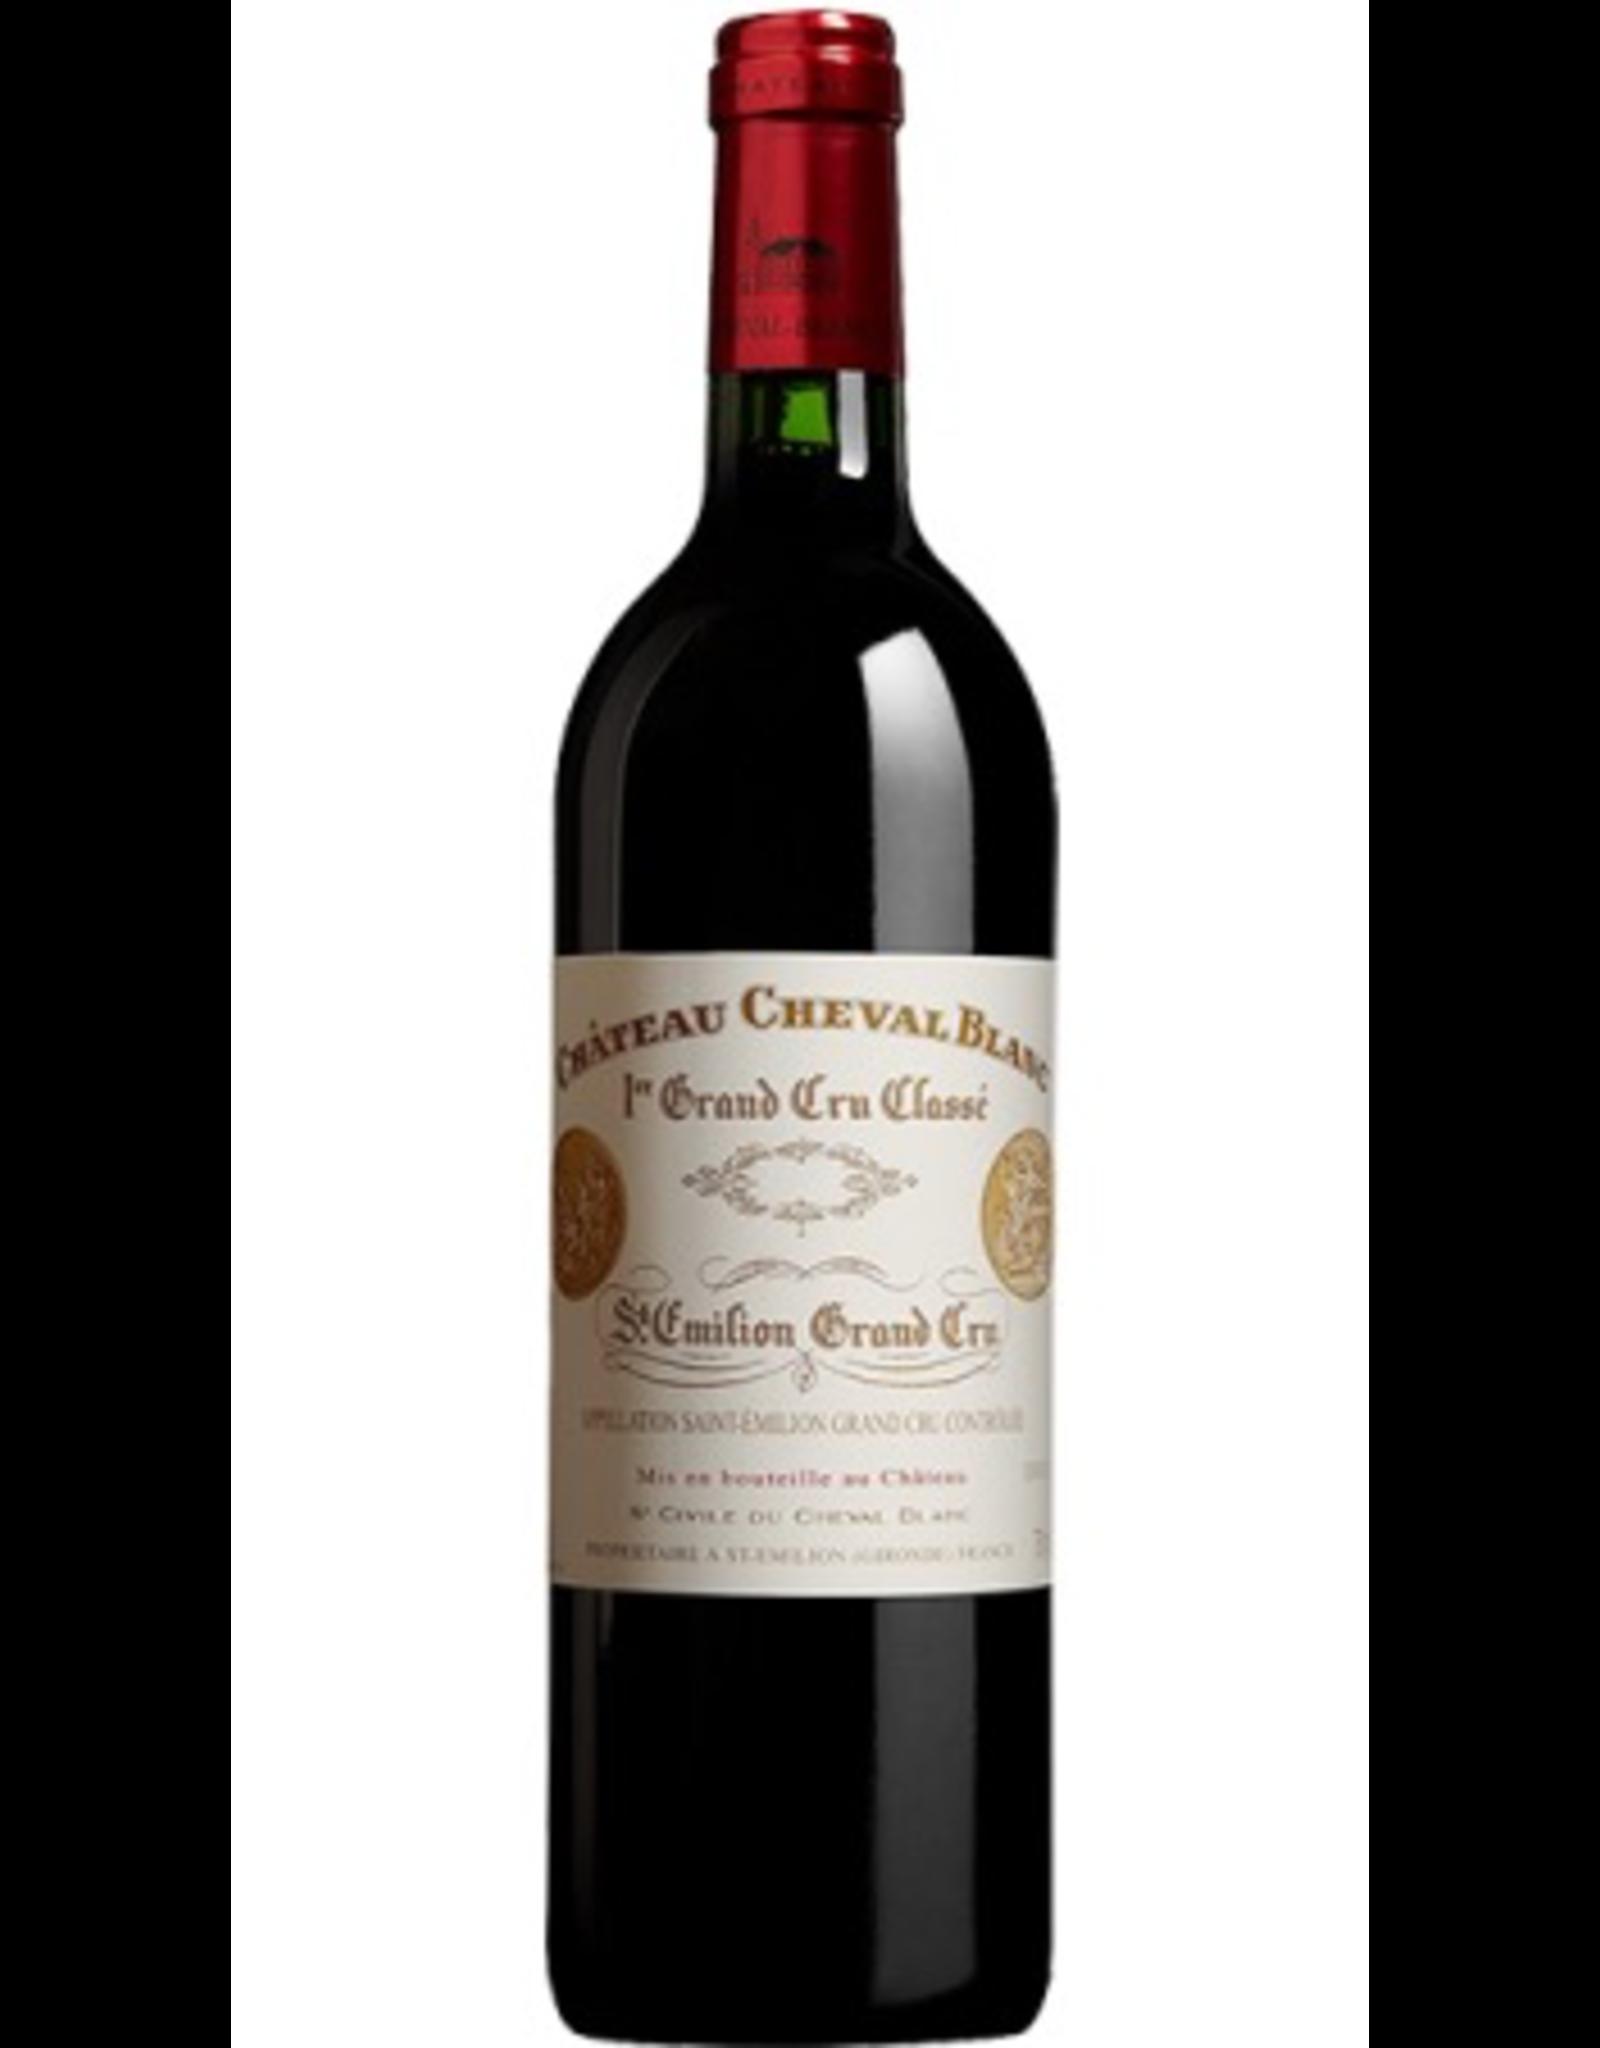 """Red Wine 2016, Chateau Cheval Blanc 1er Grand Cru Classe """"A"""", Red Bordeaux Blend, St. Emilion, Bordeaux, France, 15% Alc, CT97, RP100 JS99"""